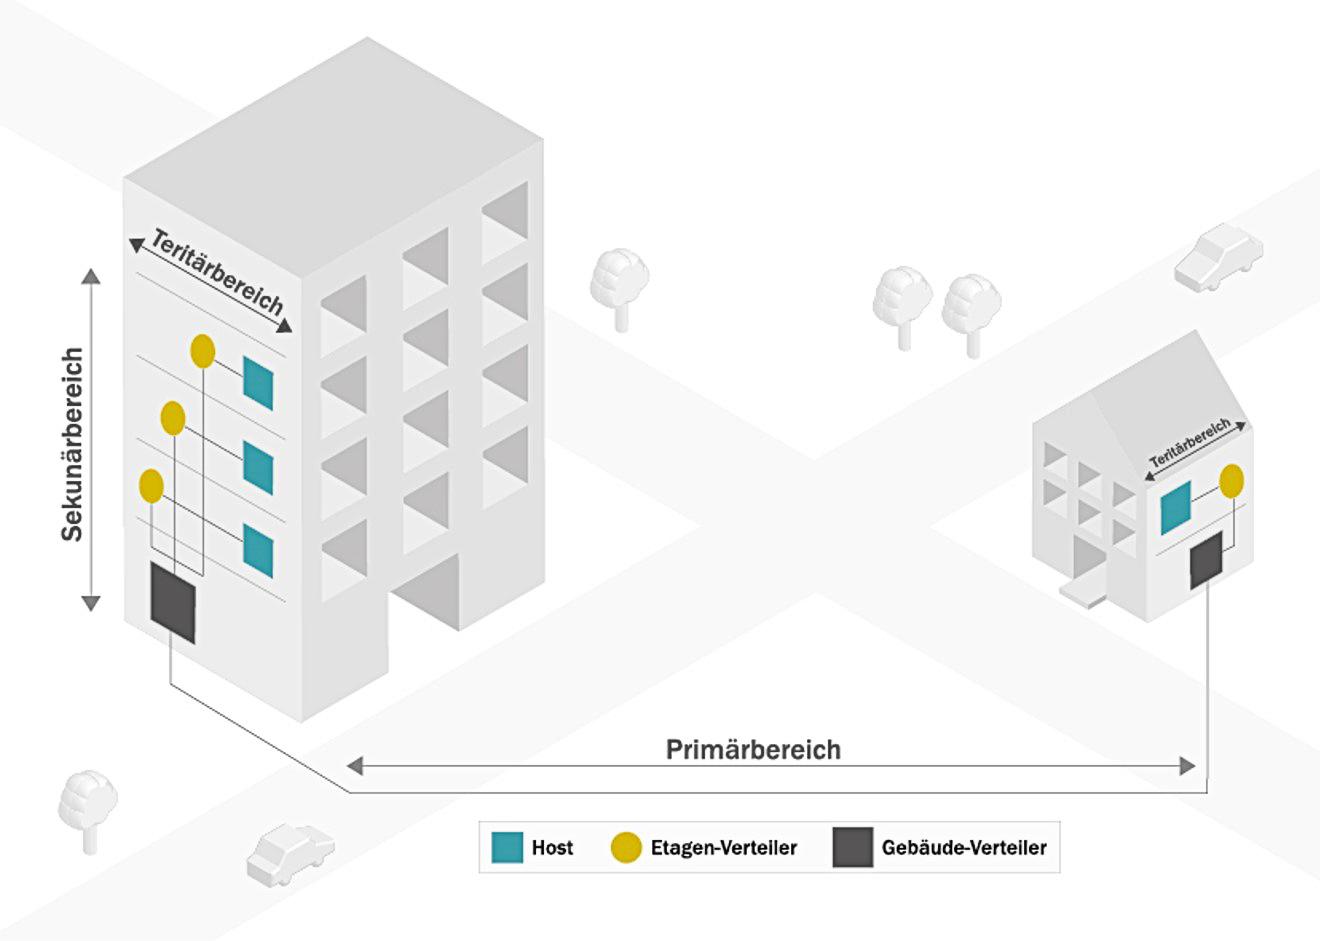 Skizze über die Primär-, Sekundär- und Tertiärbereiche